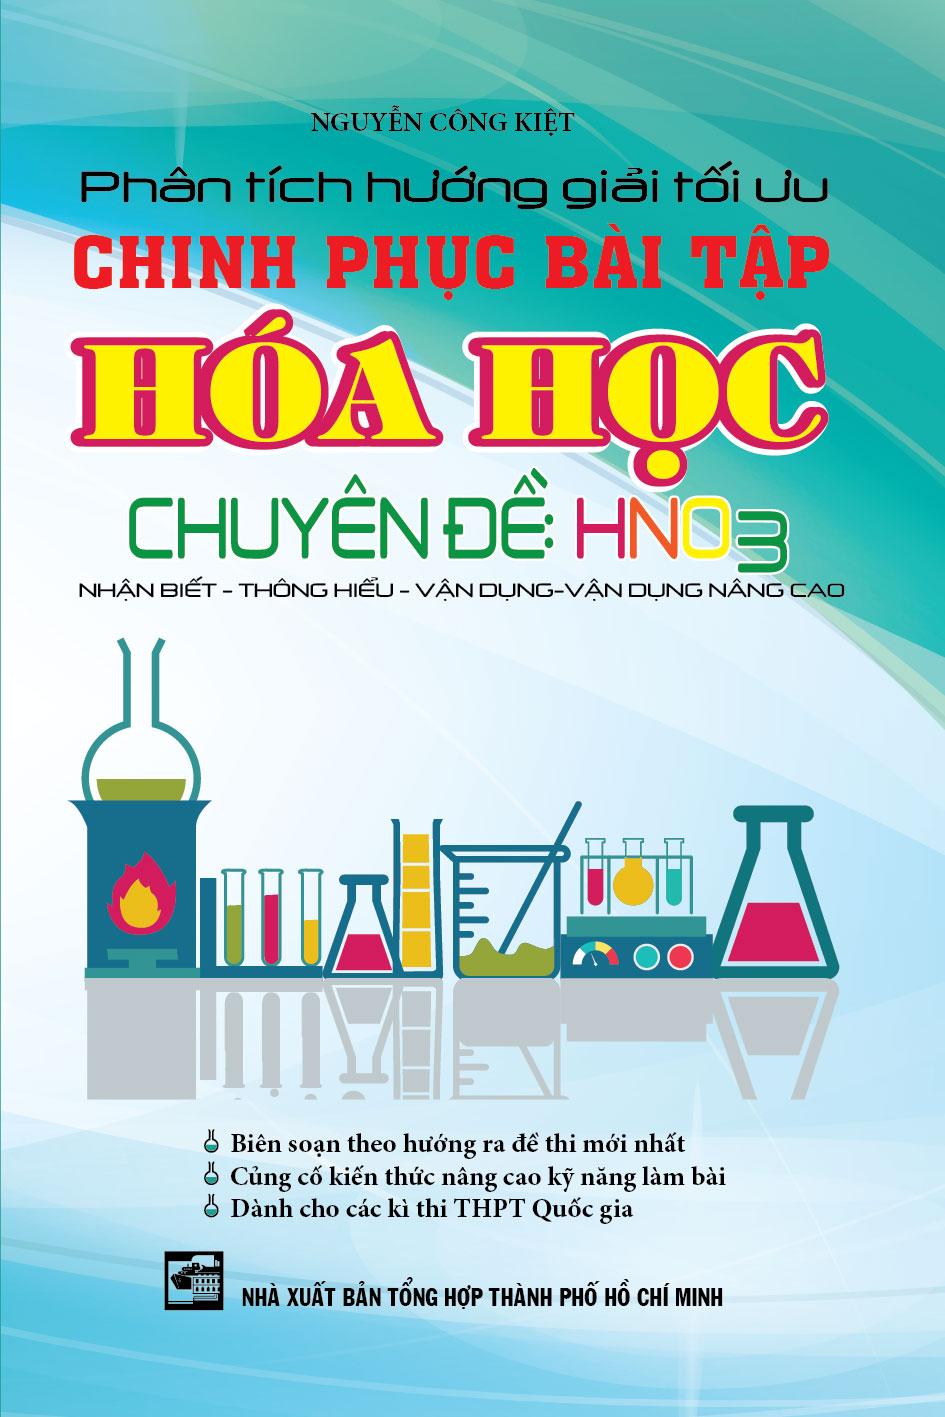 Phân Tích Hướng Giải Tối Ưu Chinh Phục Bài tập Hóa Học Chuyên Đề HNO3 - EBOOK/PDF/PRC/EPUB